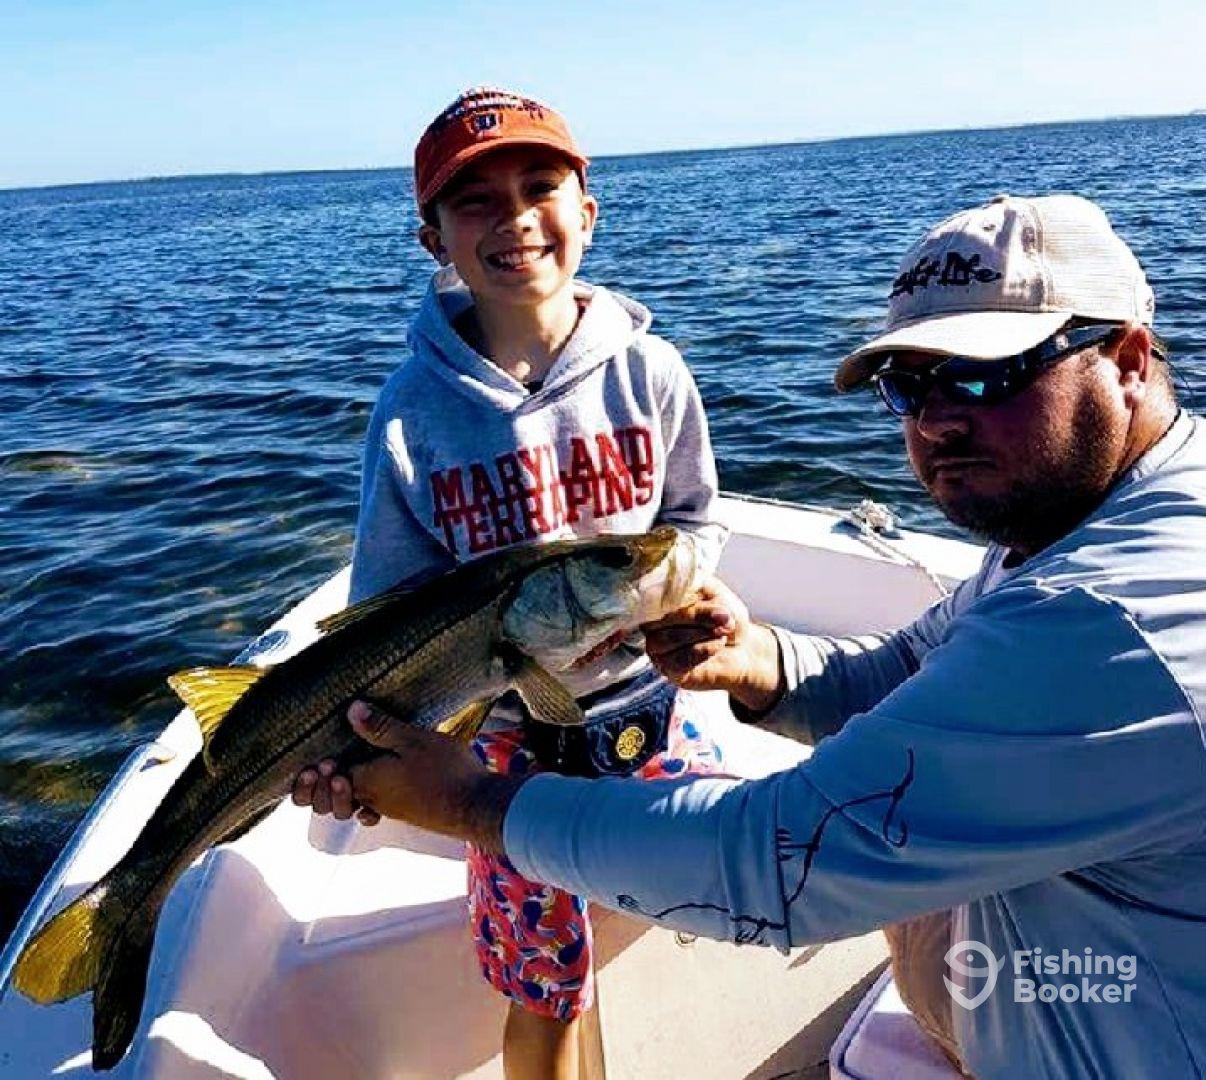 Florida reels fishing charters st petersburg fl for Fishing charters in florida